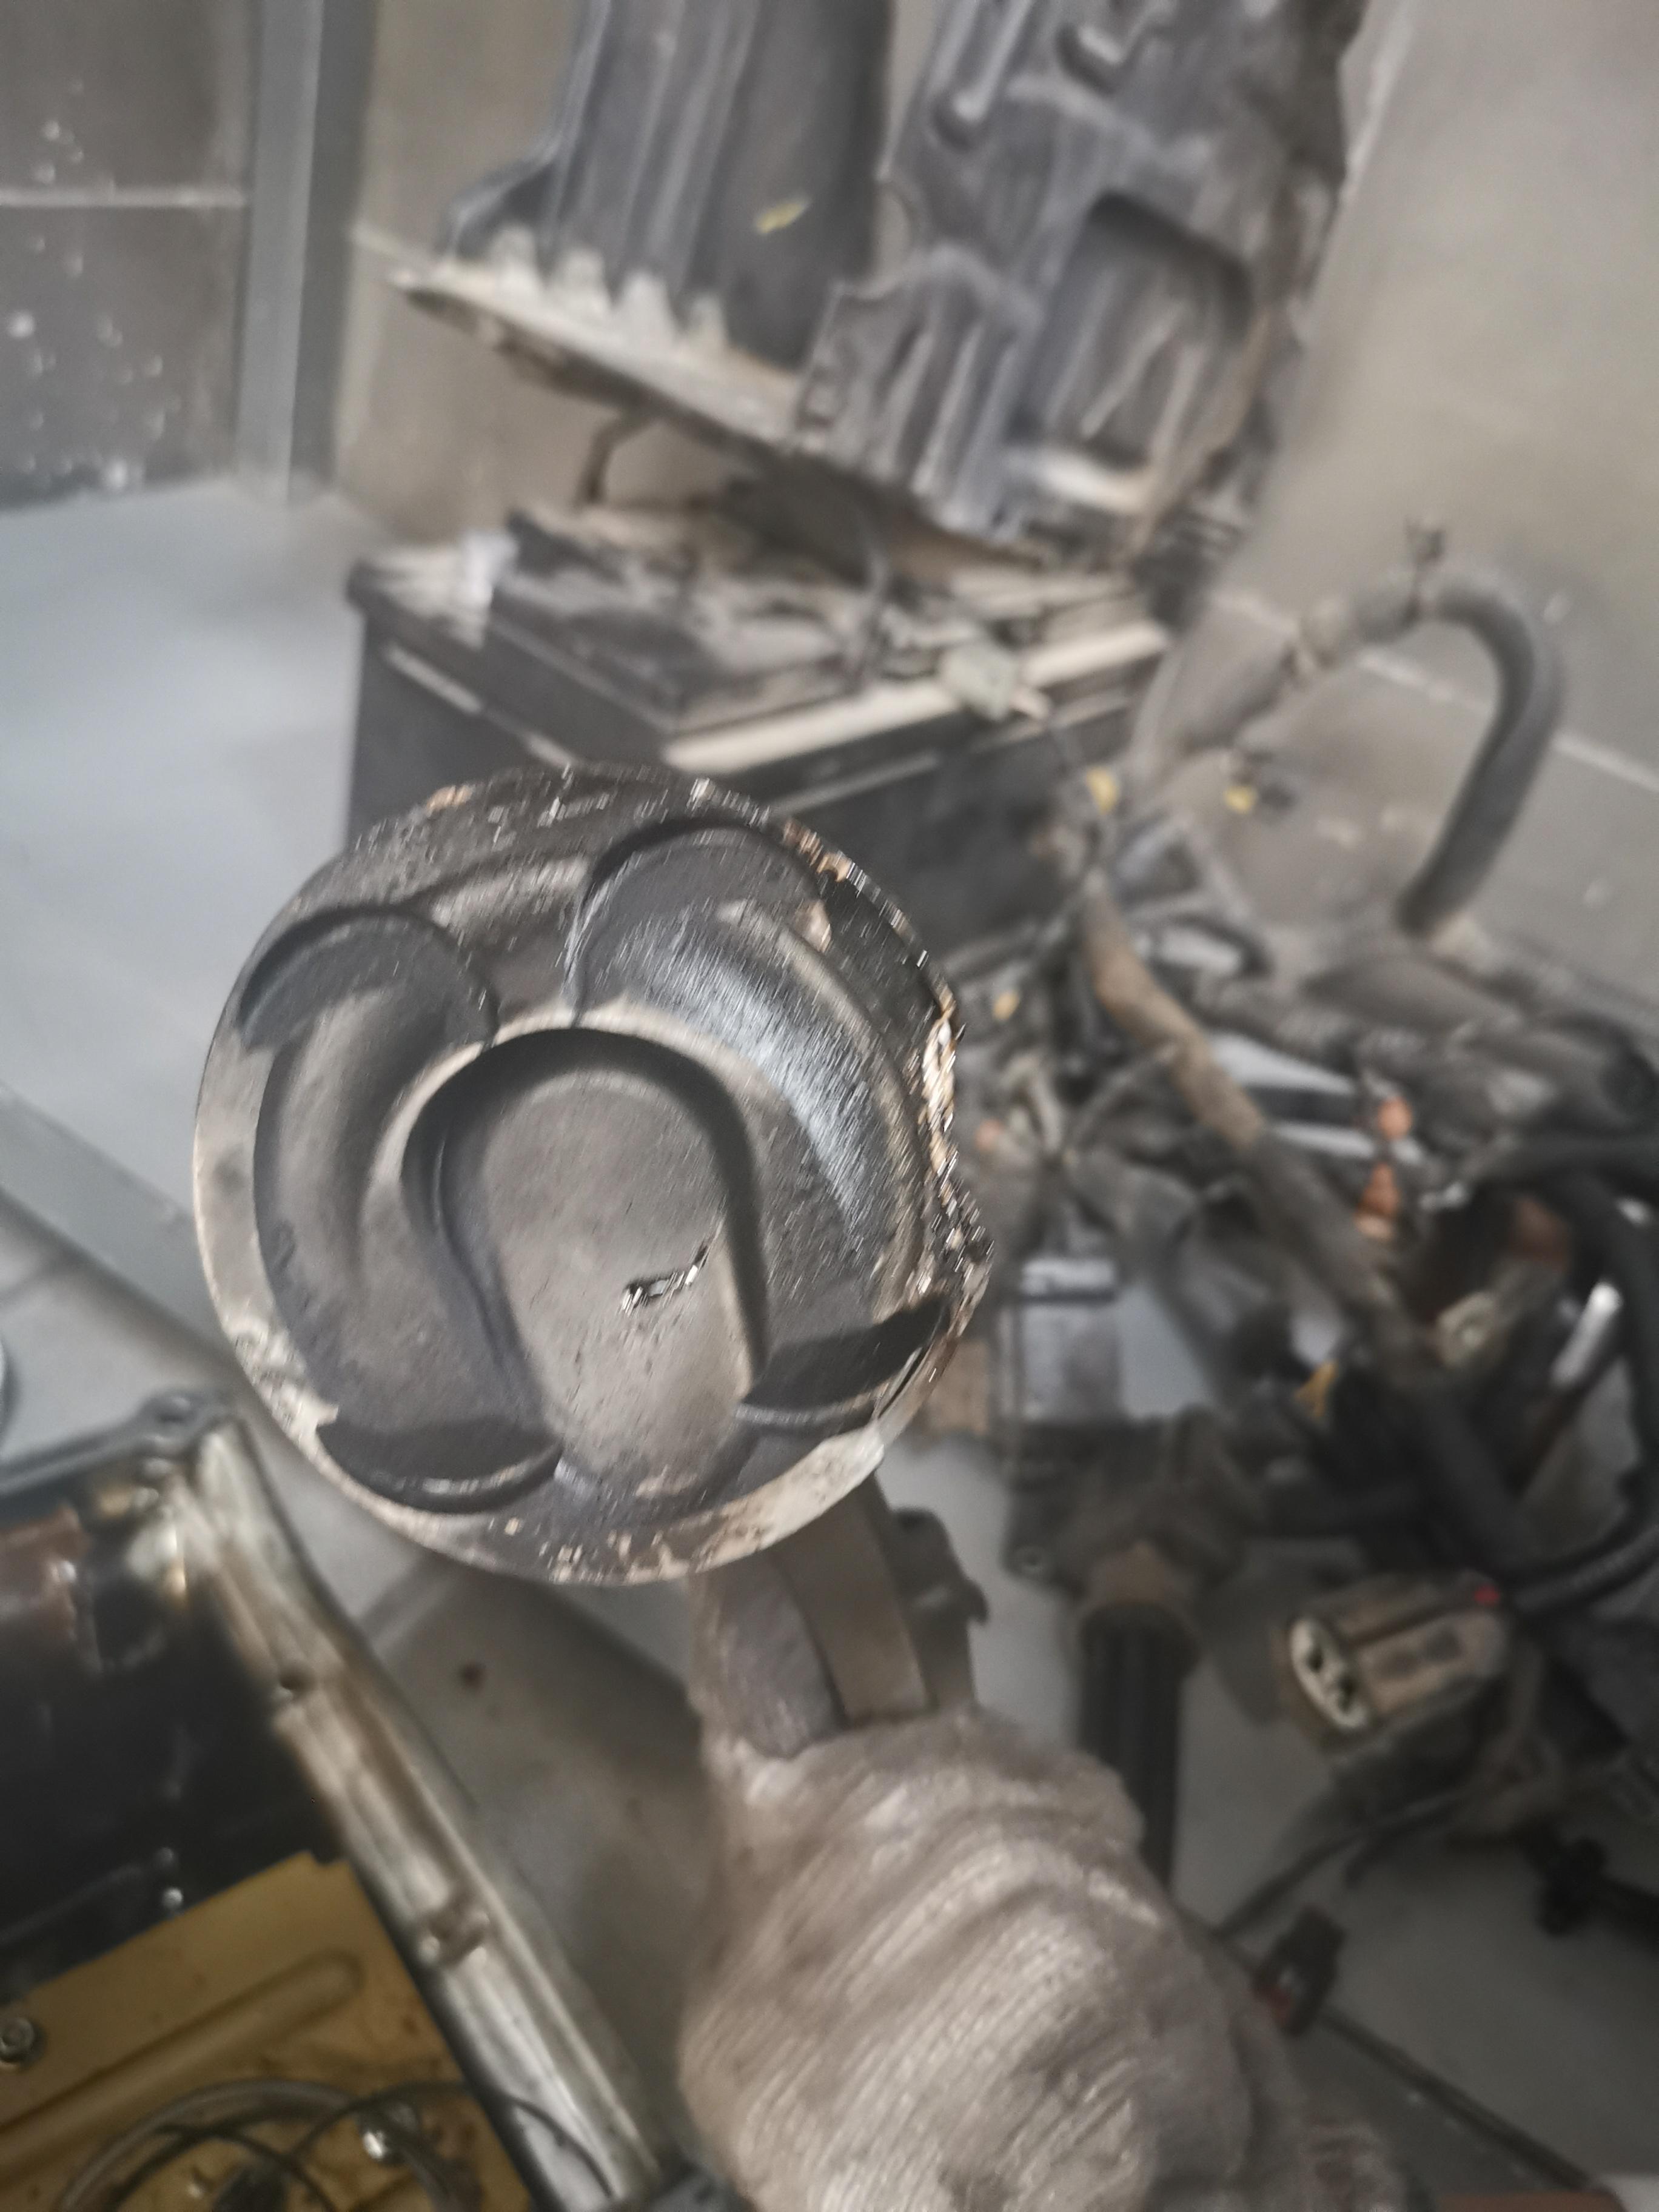 沃尔沃-沃尔沃XC60(进口) 发动机活塞断裂